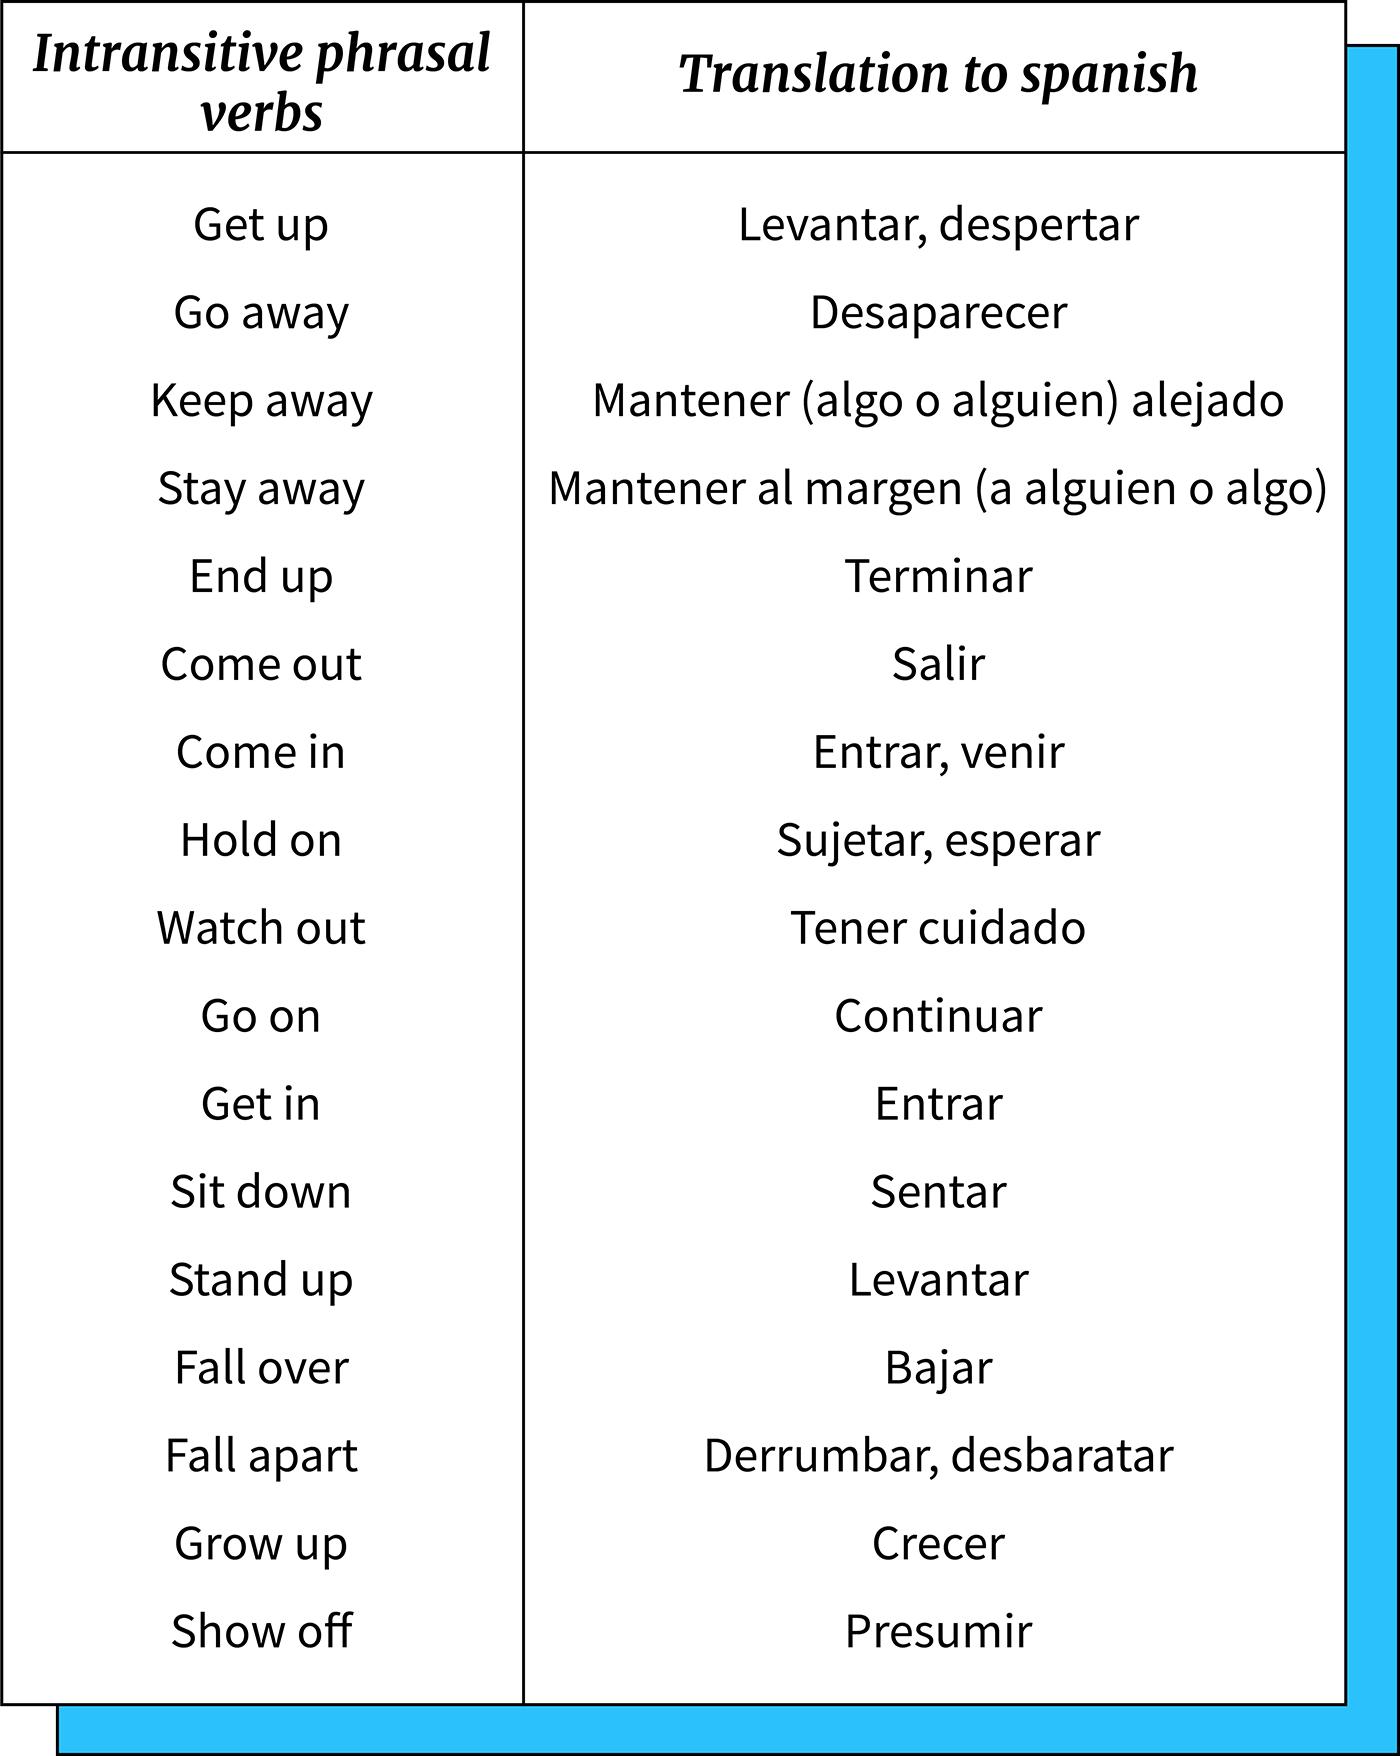 Listado de phrasal verbs intransitivos.